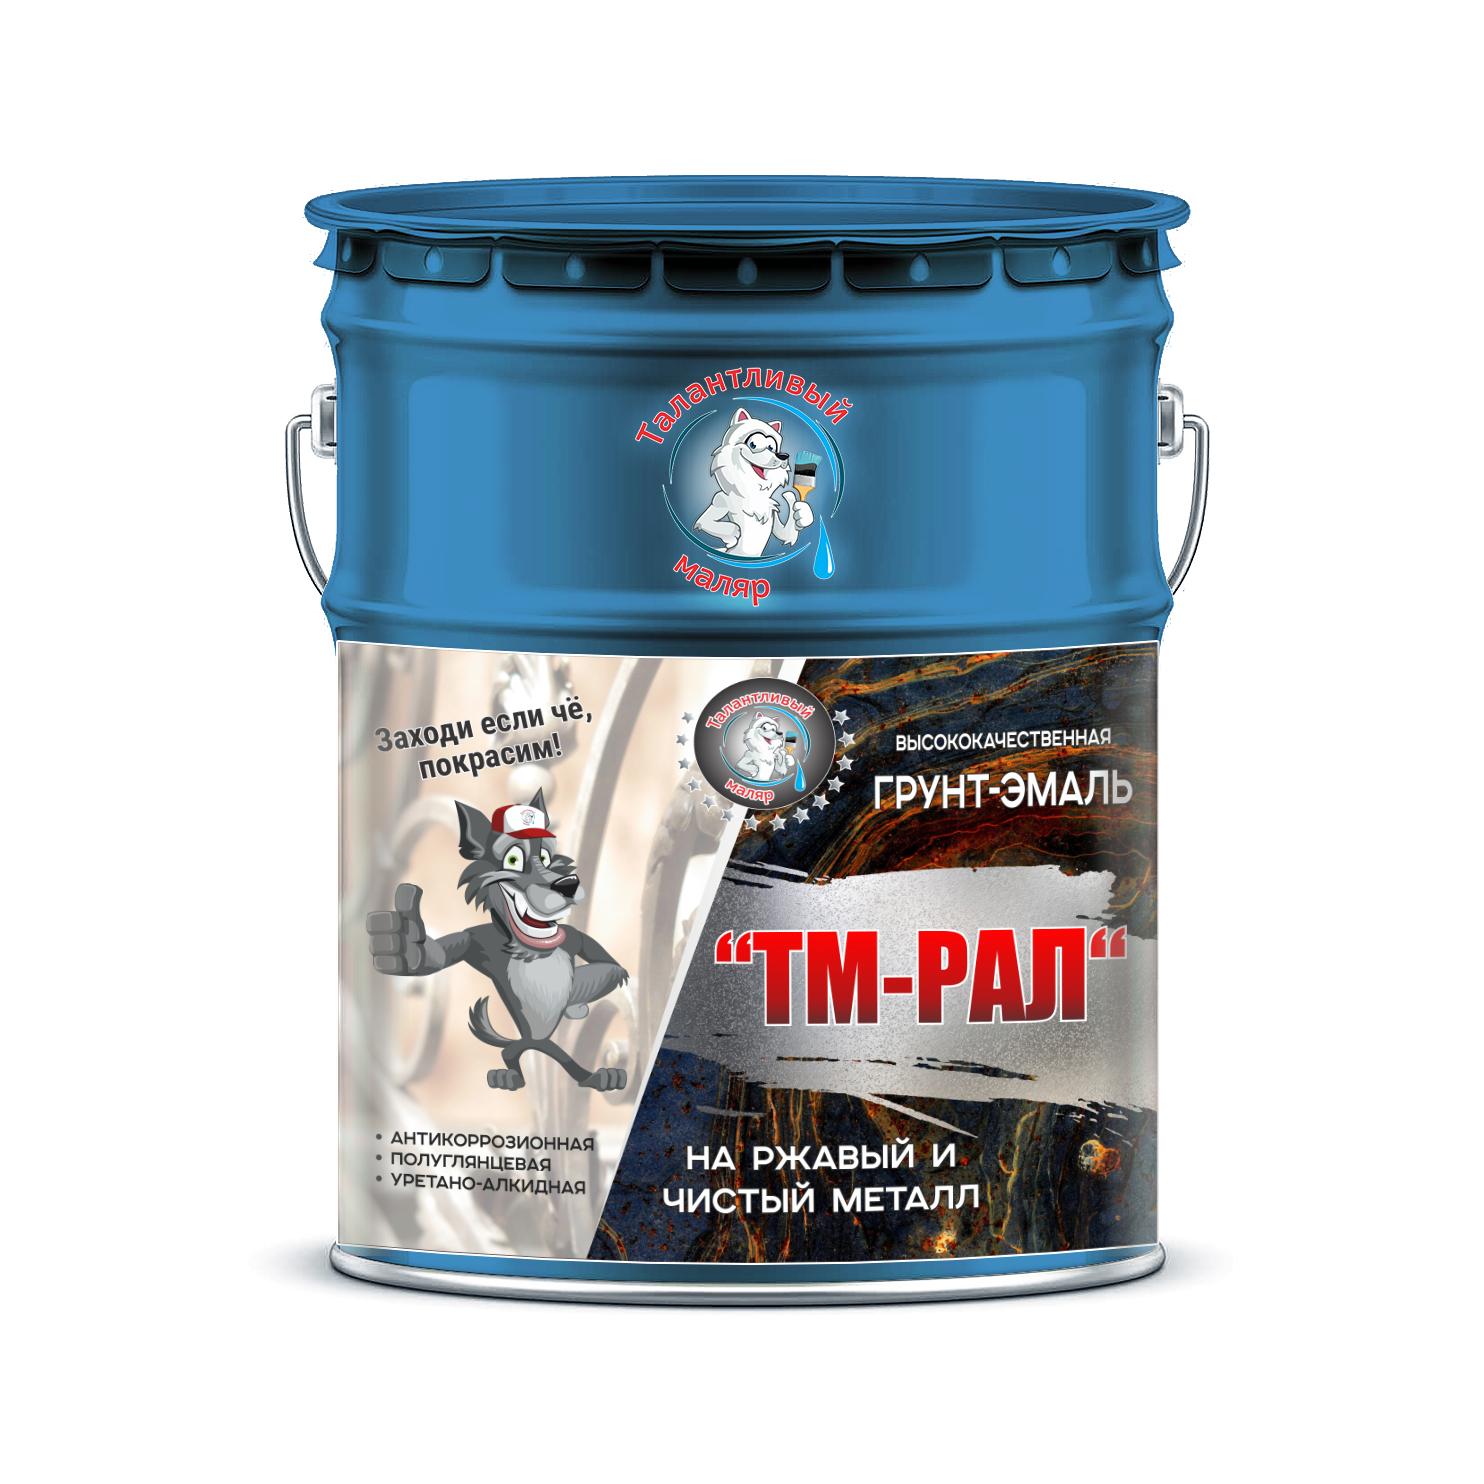 """Фото 2 - TM5001 Грунт-Эмаль """"ТМ РАЛ"""" уретано-алкидная 3 в 1 цвет RAL 5001 Зелёно-синий, антикоррозионная,  полуглянцевая для черных металлов, 20 кг """"Талантливый маляр""""."""